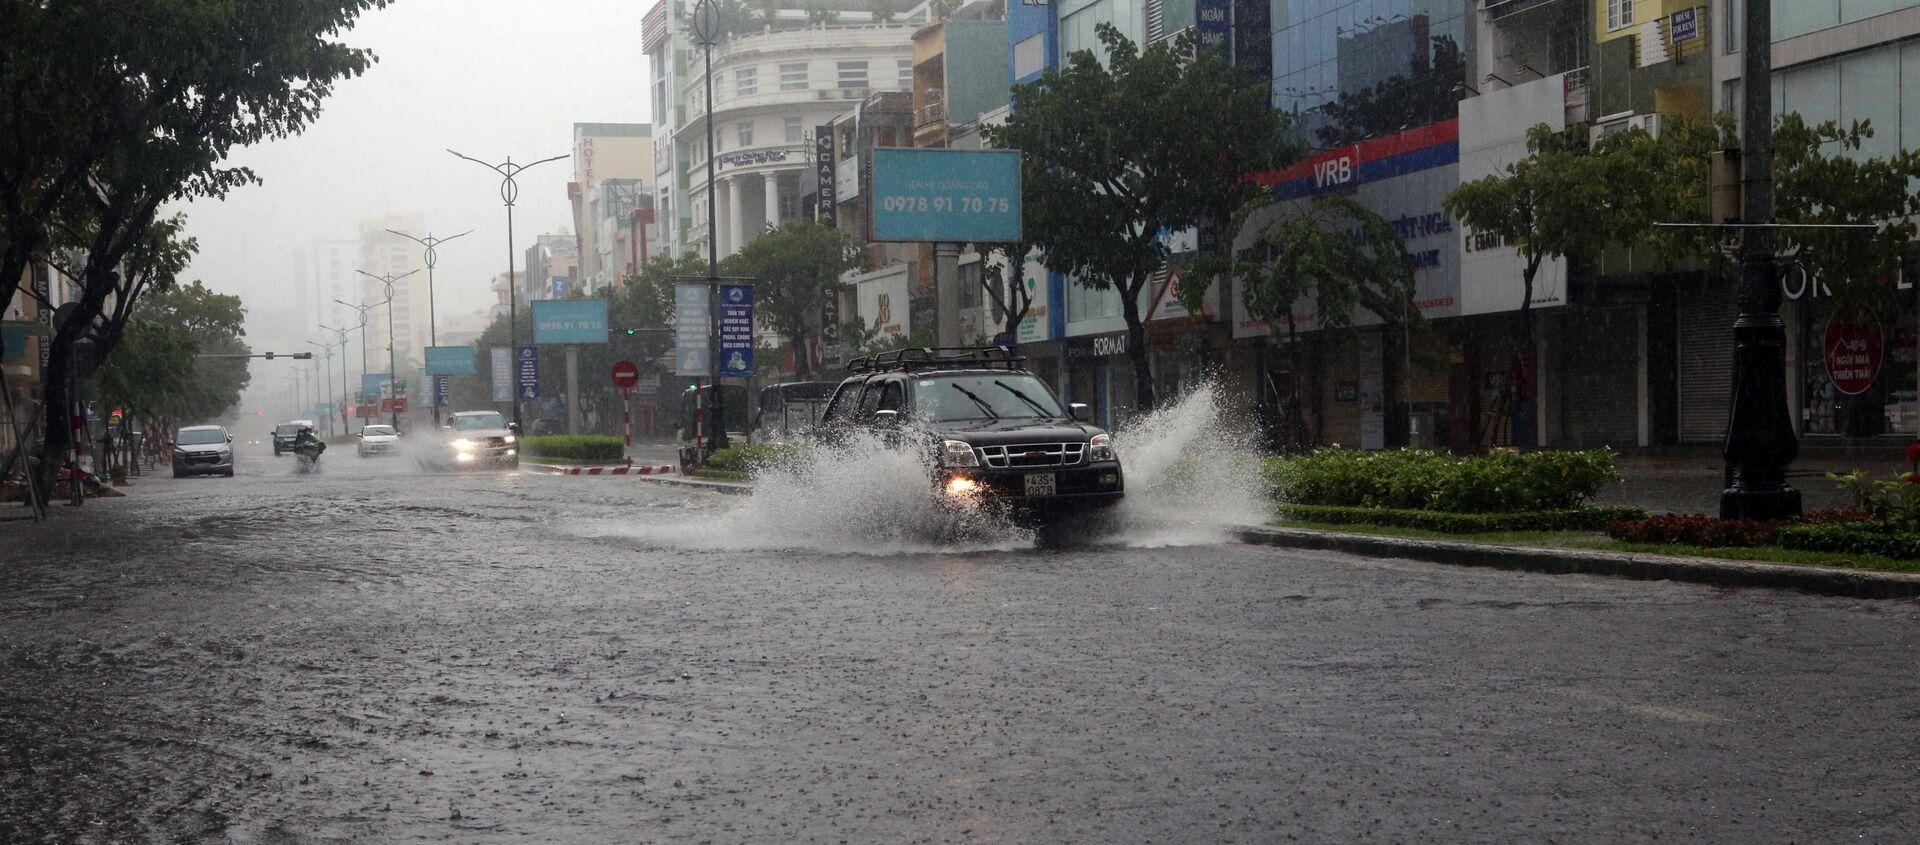 Tuyến đường Nguyễn Văn Linh (TP Đà Nẵng) bị ngập nước do mưa lớn liên tiếp - Sputnik Việt Nam, 1920, 11.09.2021